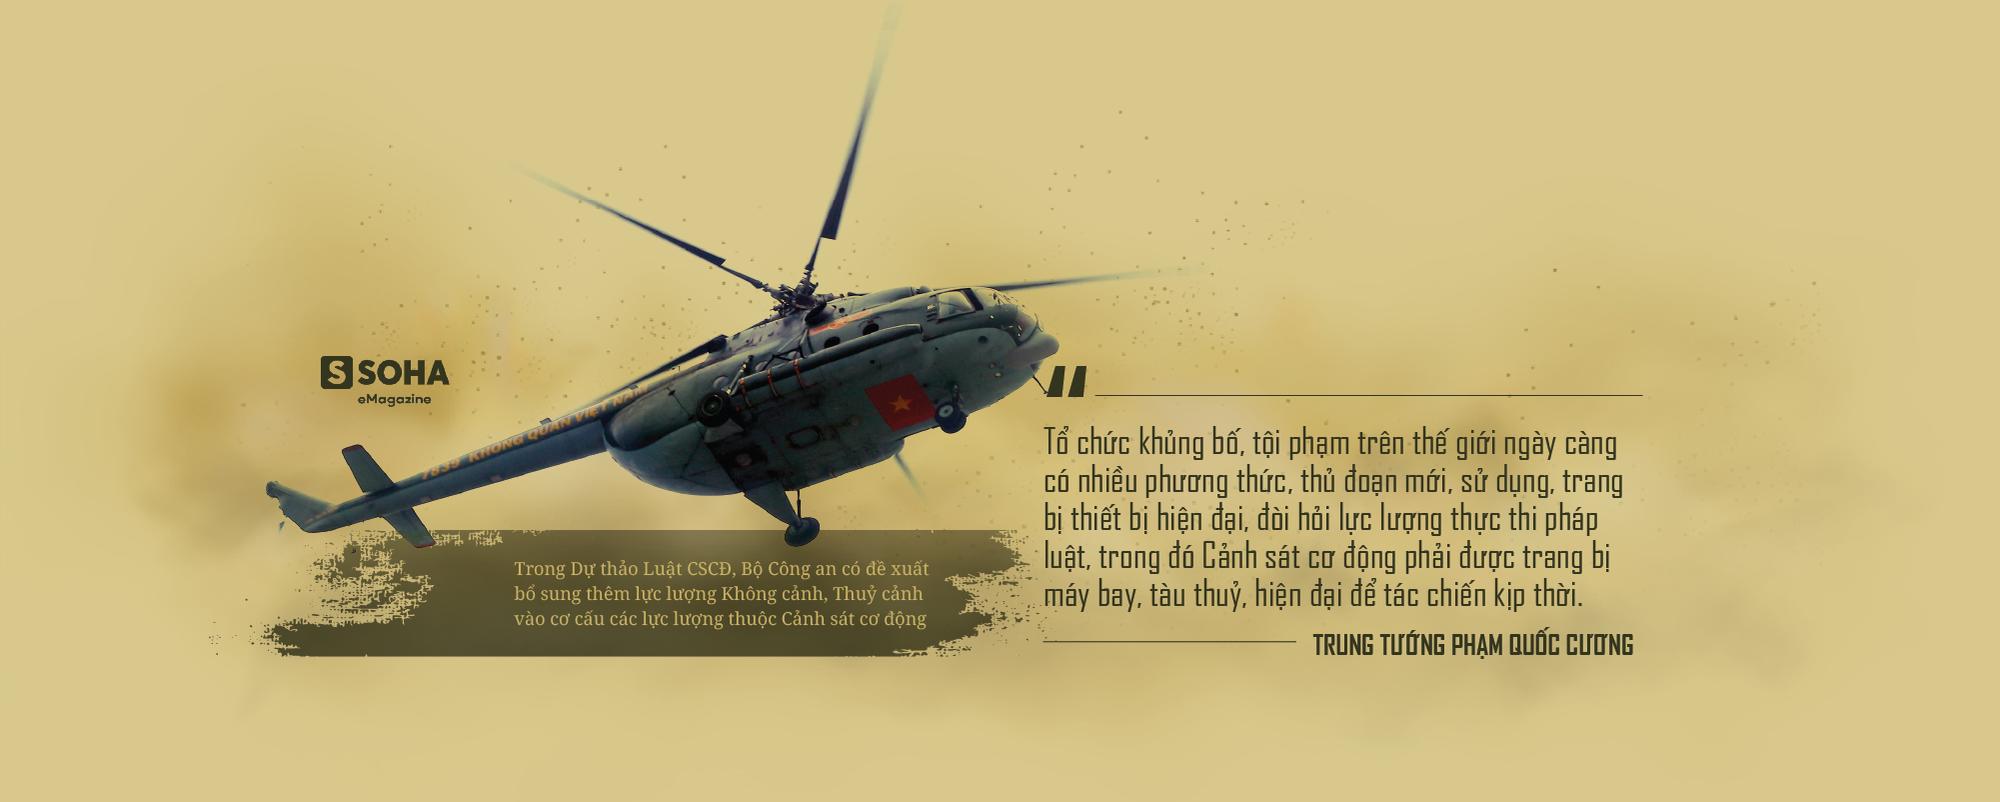 """Trung tướng Phạm Quốc Cương: """"Cảnh sát cơ động sẽ được trang bị máy bay, tàu thủy"""" - Ảnh 3."""